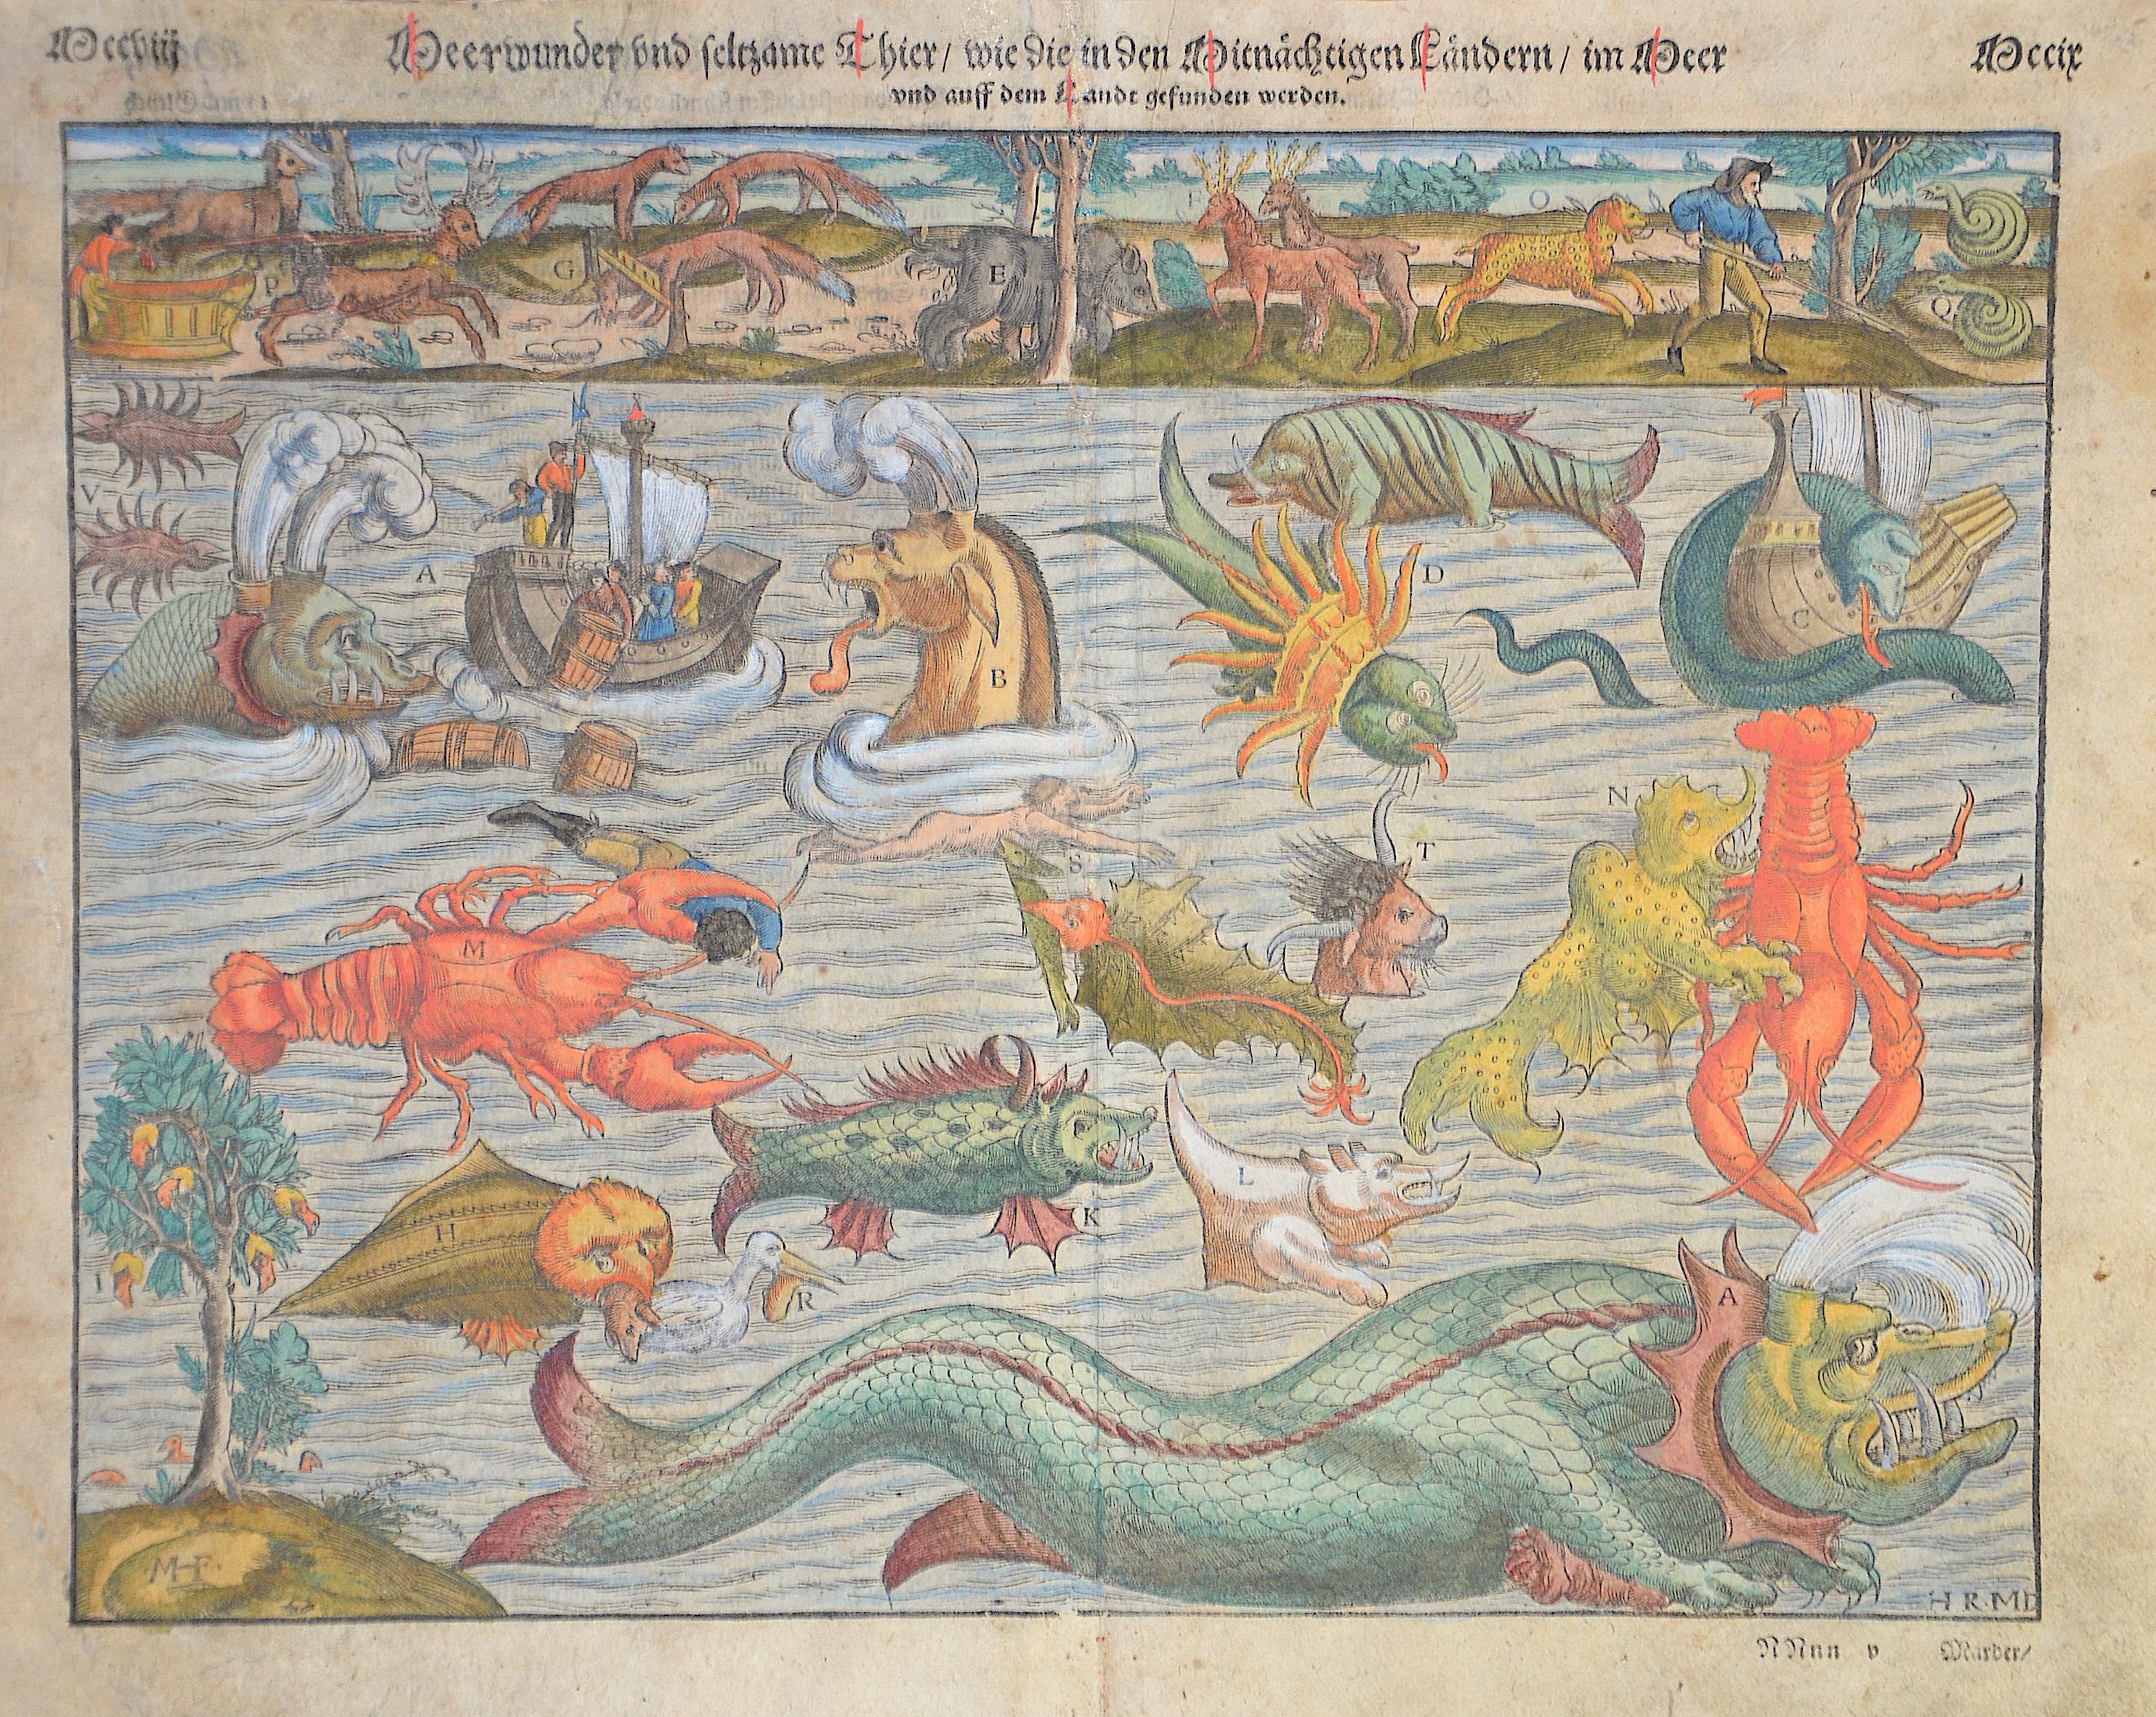 Münster Sebastian Meerwunder und seltsame thier/wie die in Mitnächtigen Ländern im Meer und auff dem Landt gefunden werden